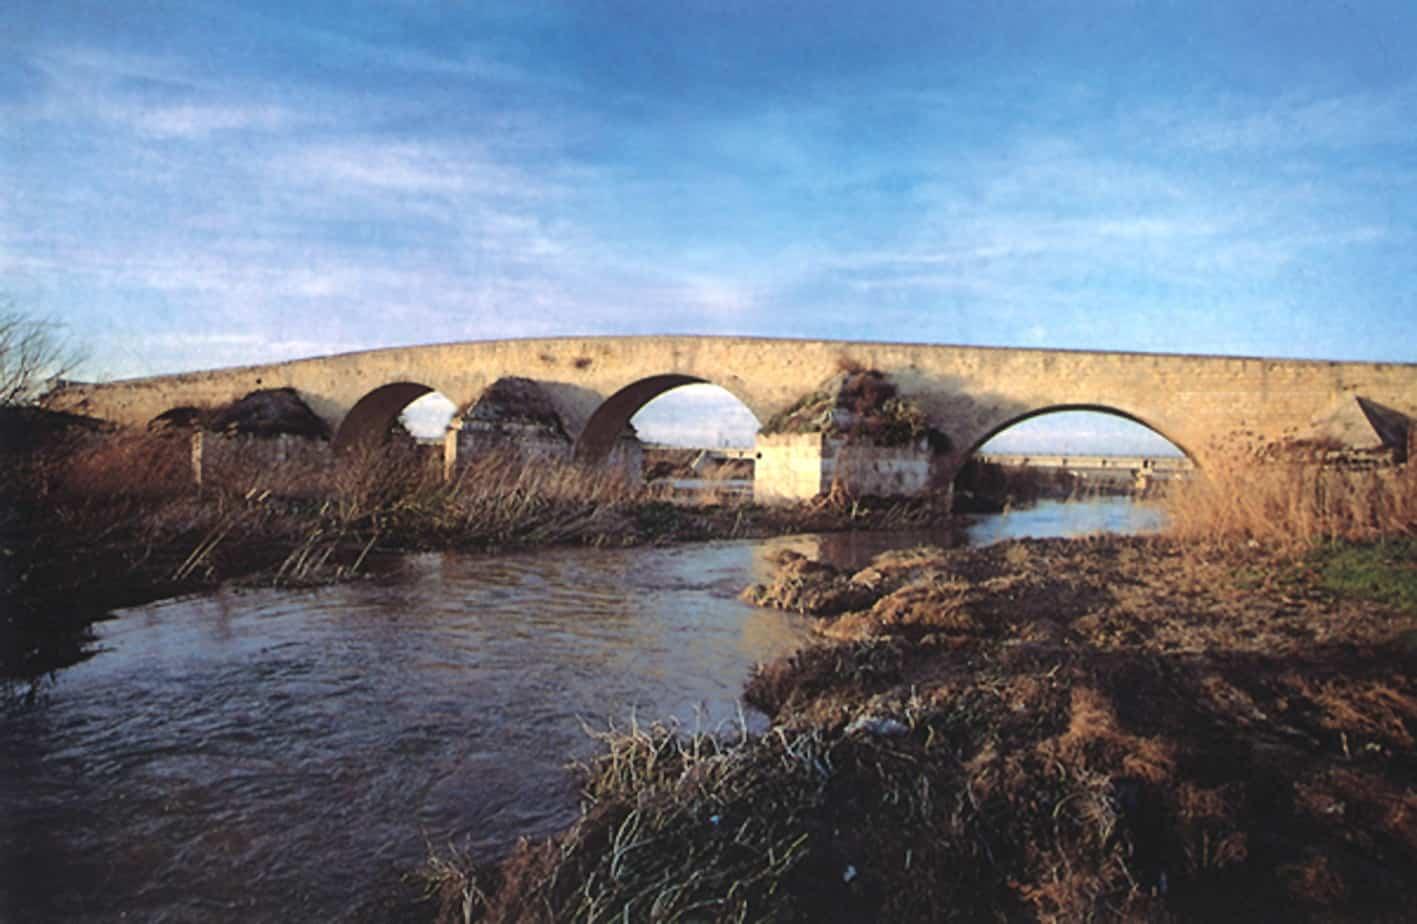 Il ponte romano sull'Ofanto, in Puglia